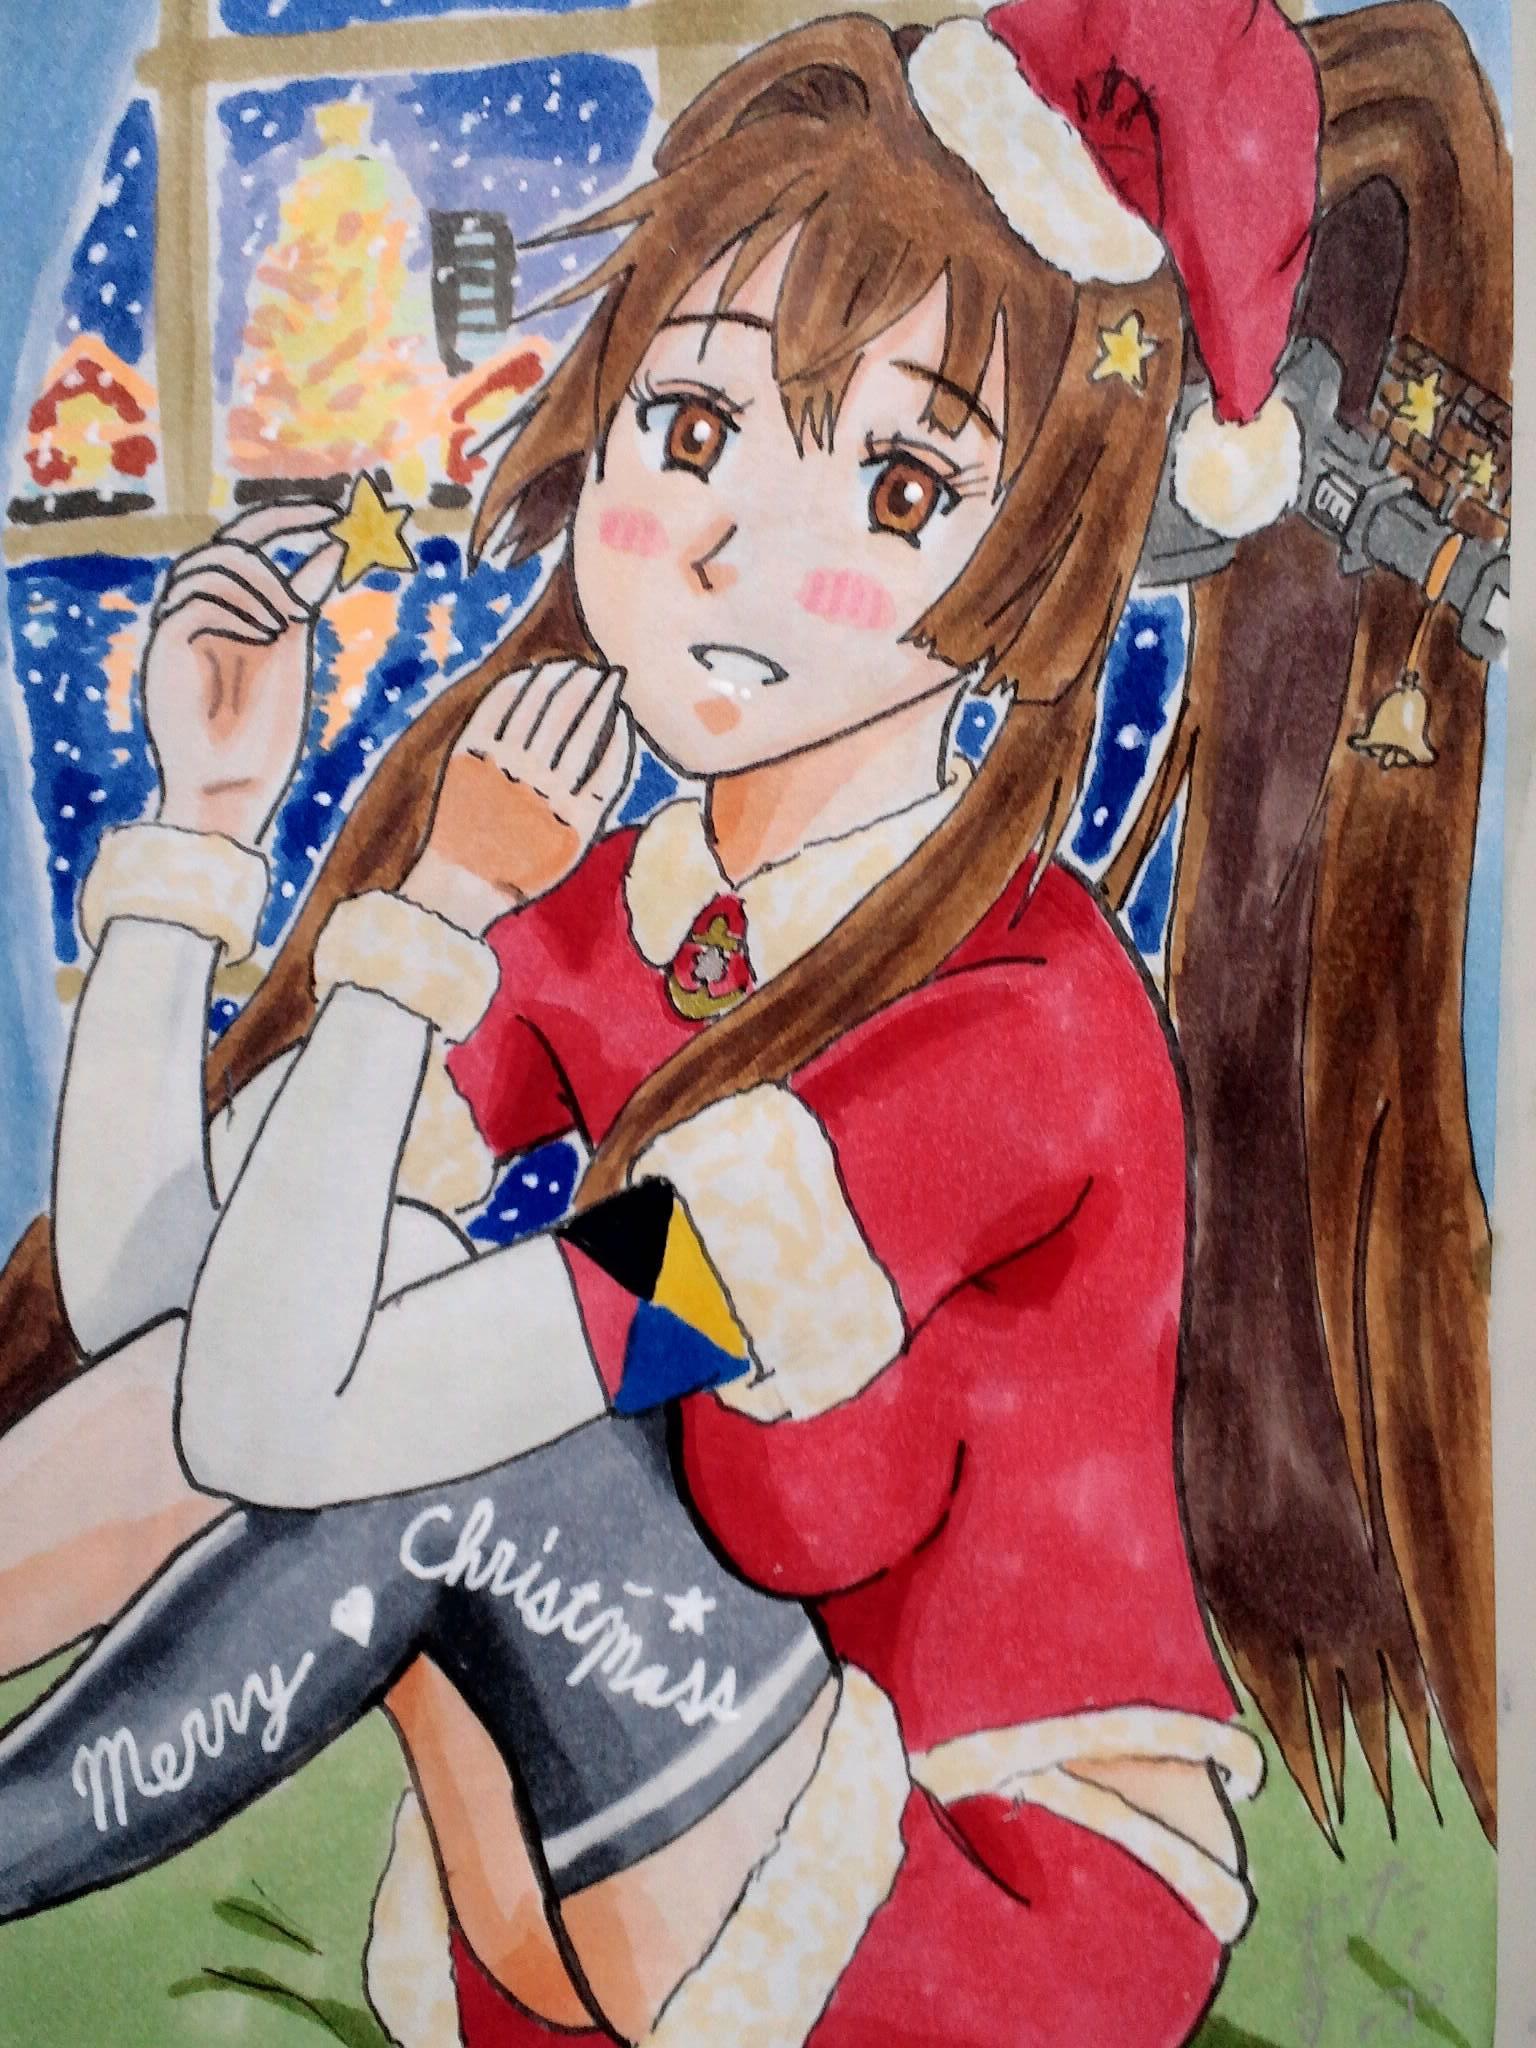 大和さんとホワイトクリスマス